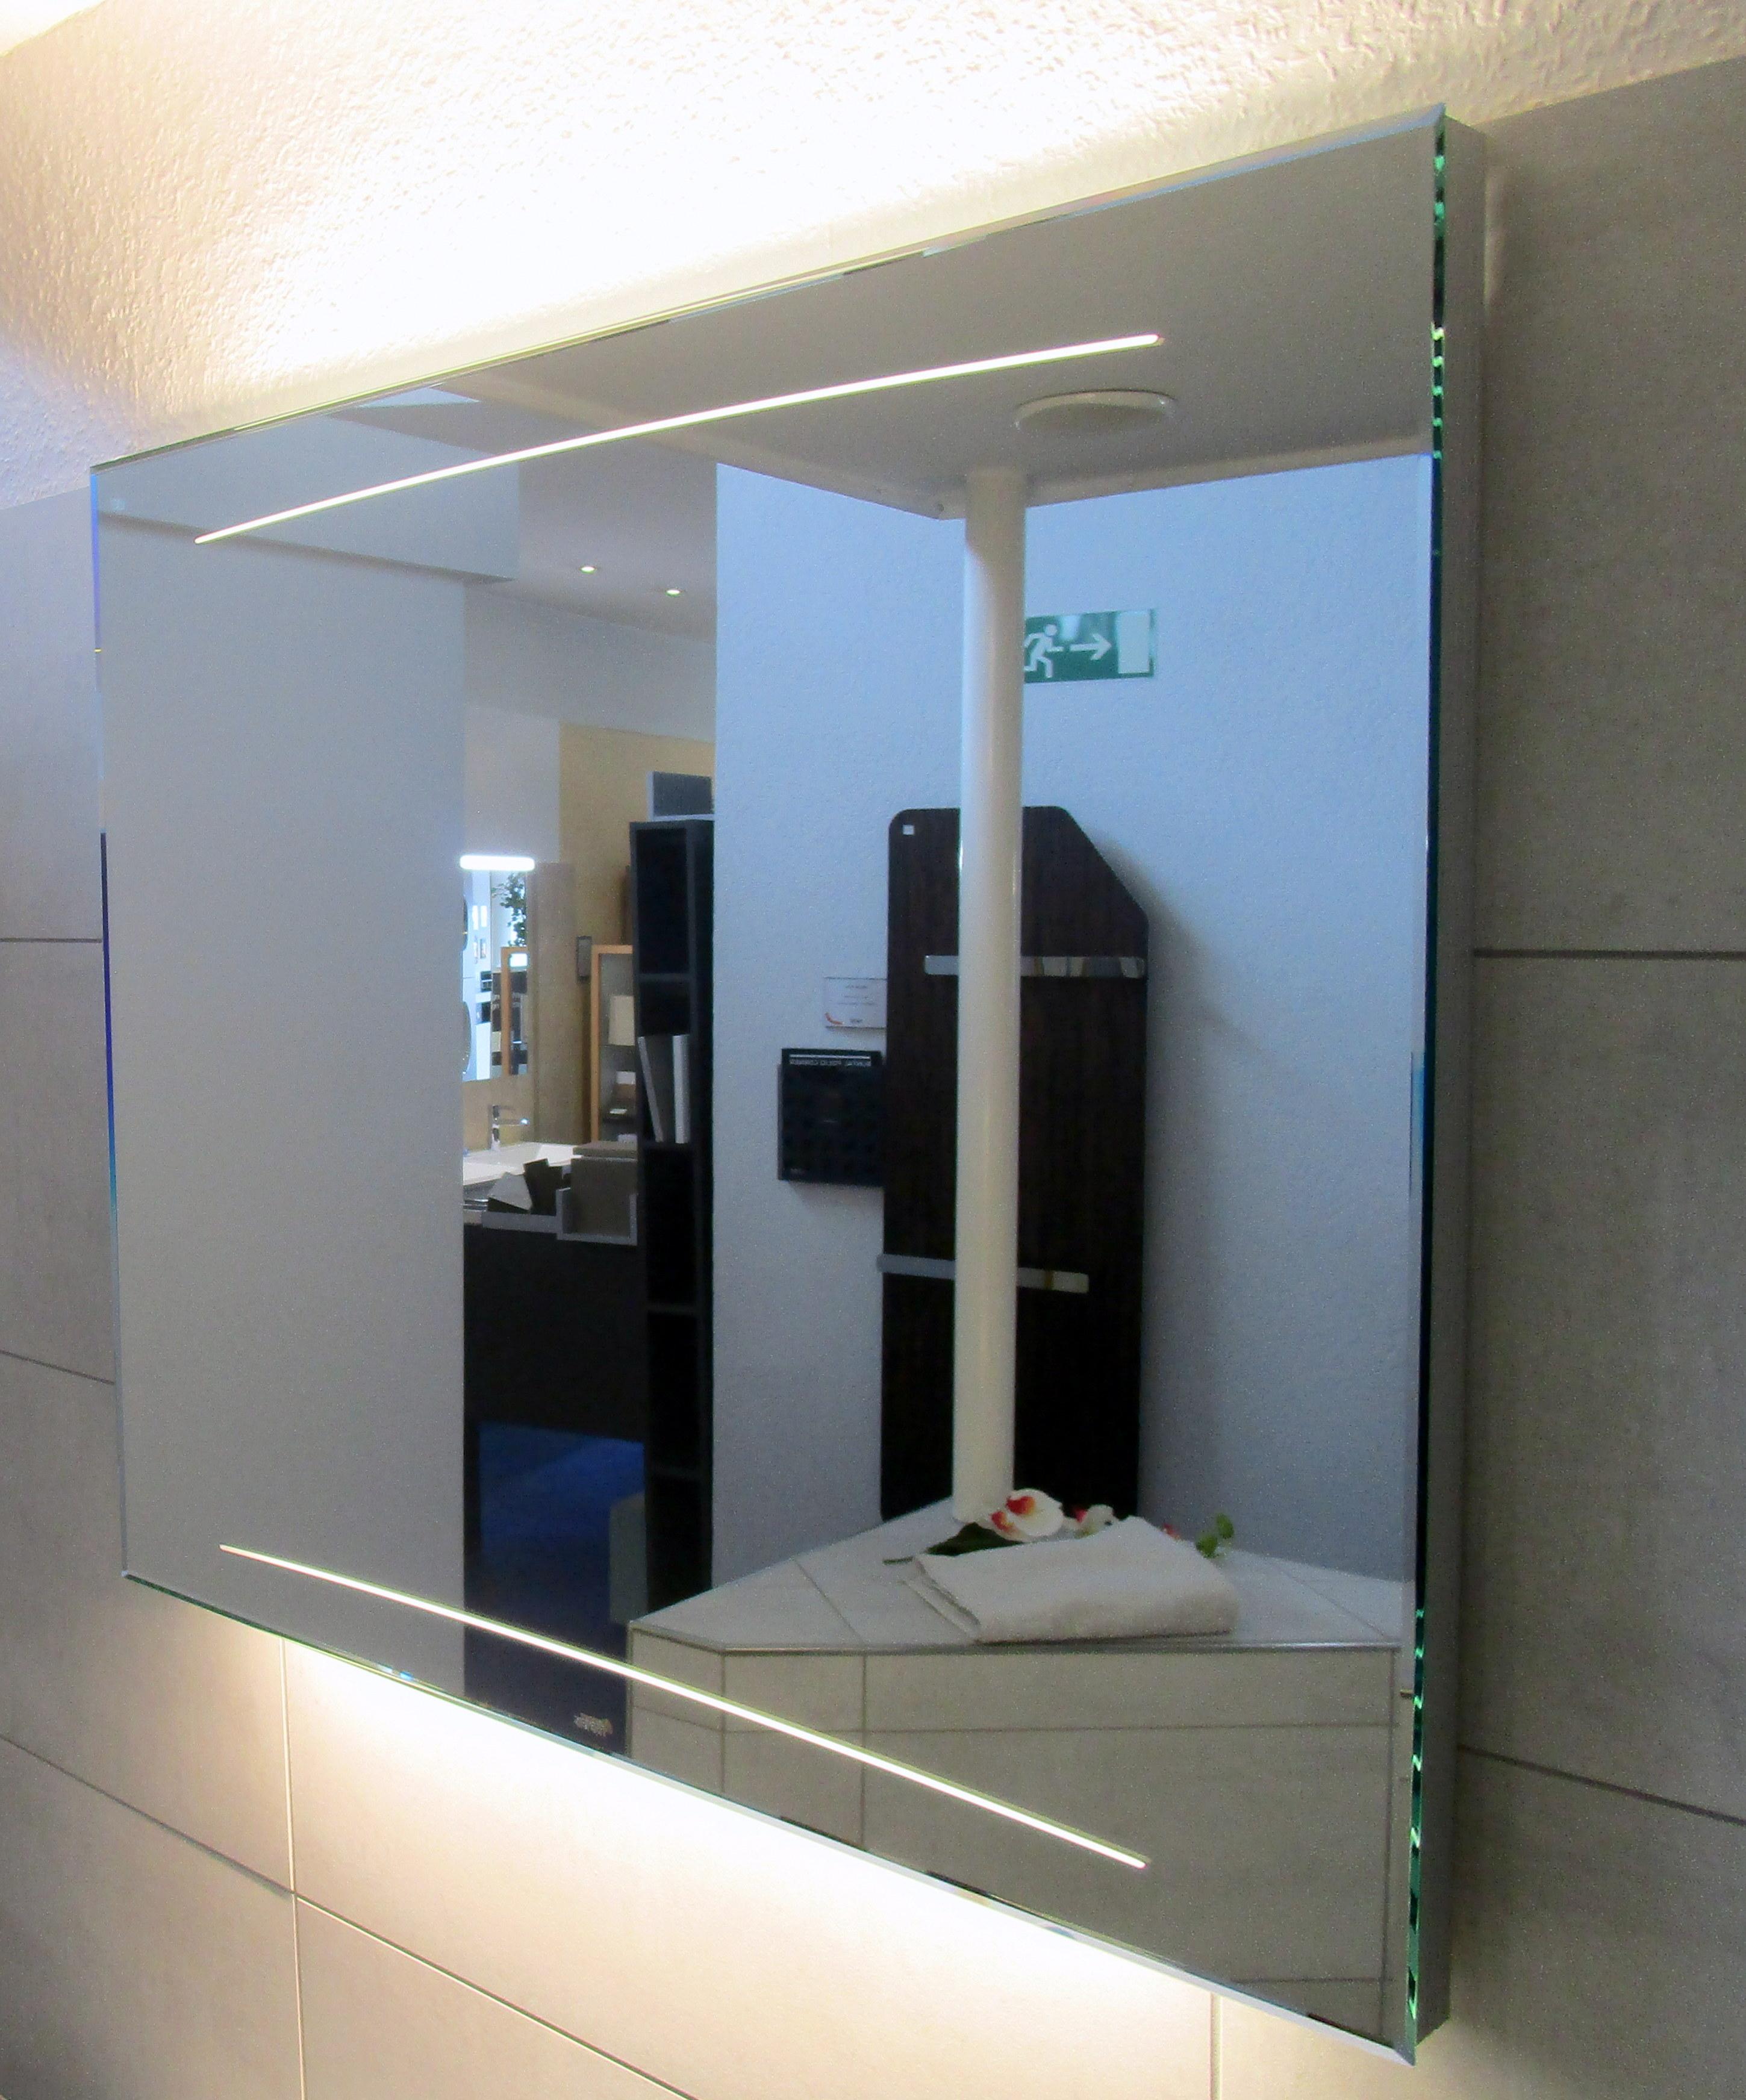 badspiegel zierath best aldi beleuchtung fresh spiegel mit beleuchtung fur badezimmer licht im. Black Bedroom Furniture Sets. Home Design Ideas